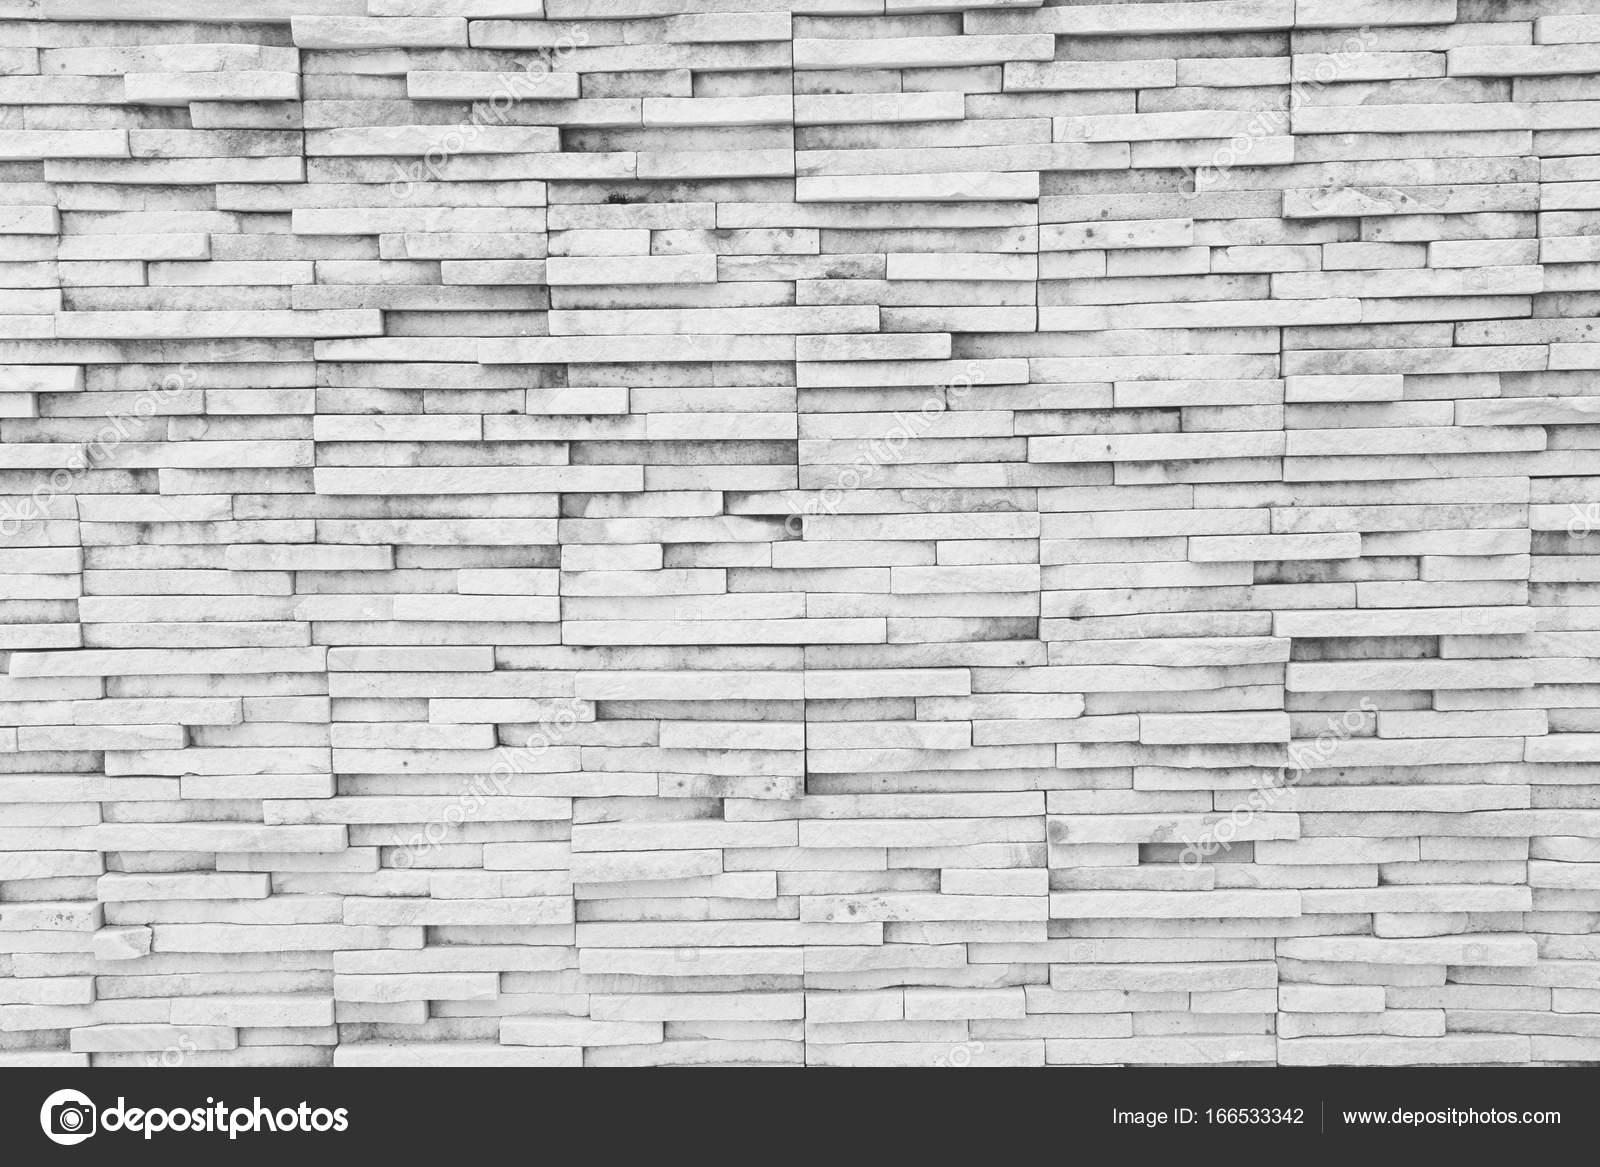 texture de mur en pierre blanche photographie meepoohyaphoto 166533342. Black Bedroom Furniture Sets. Home Design Ideas